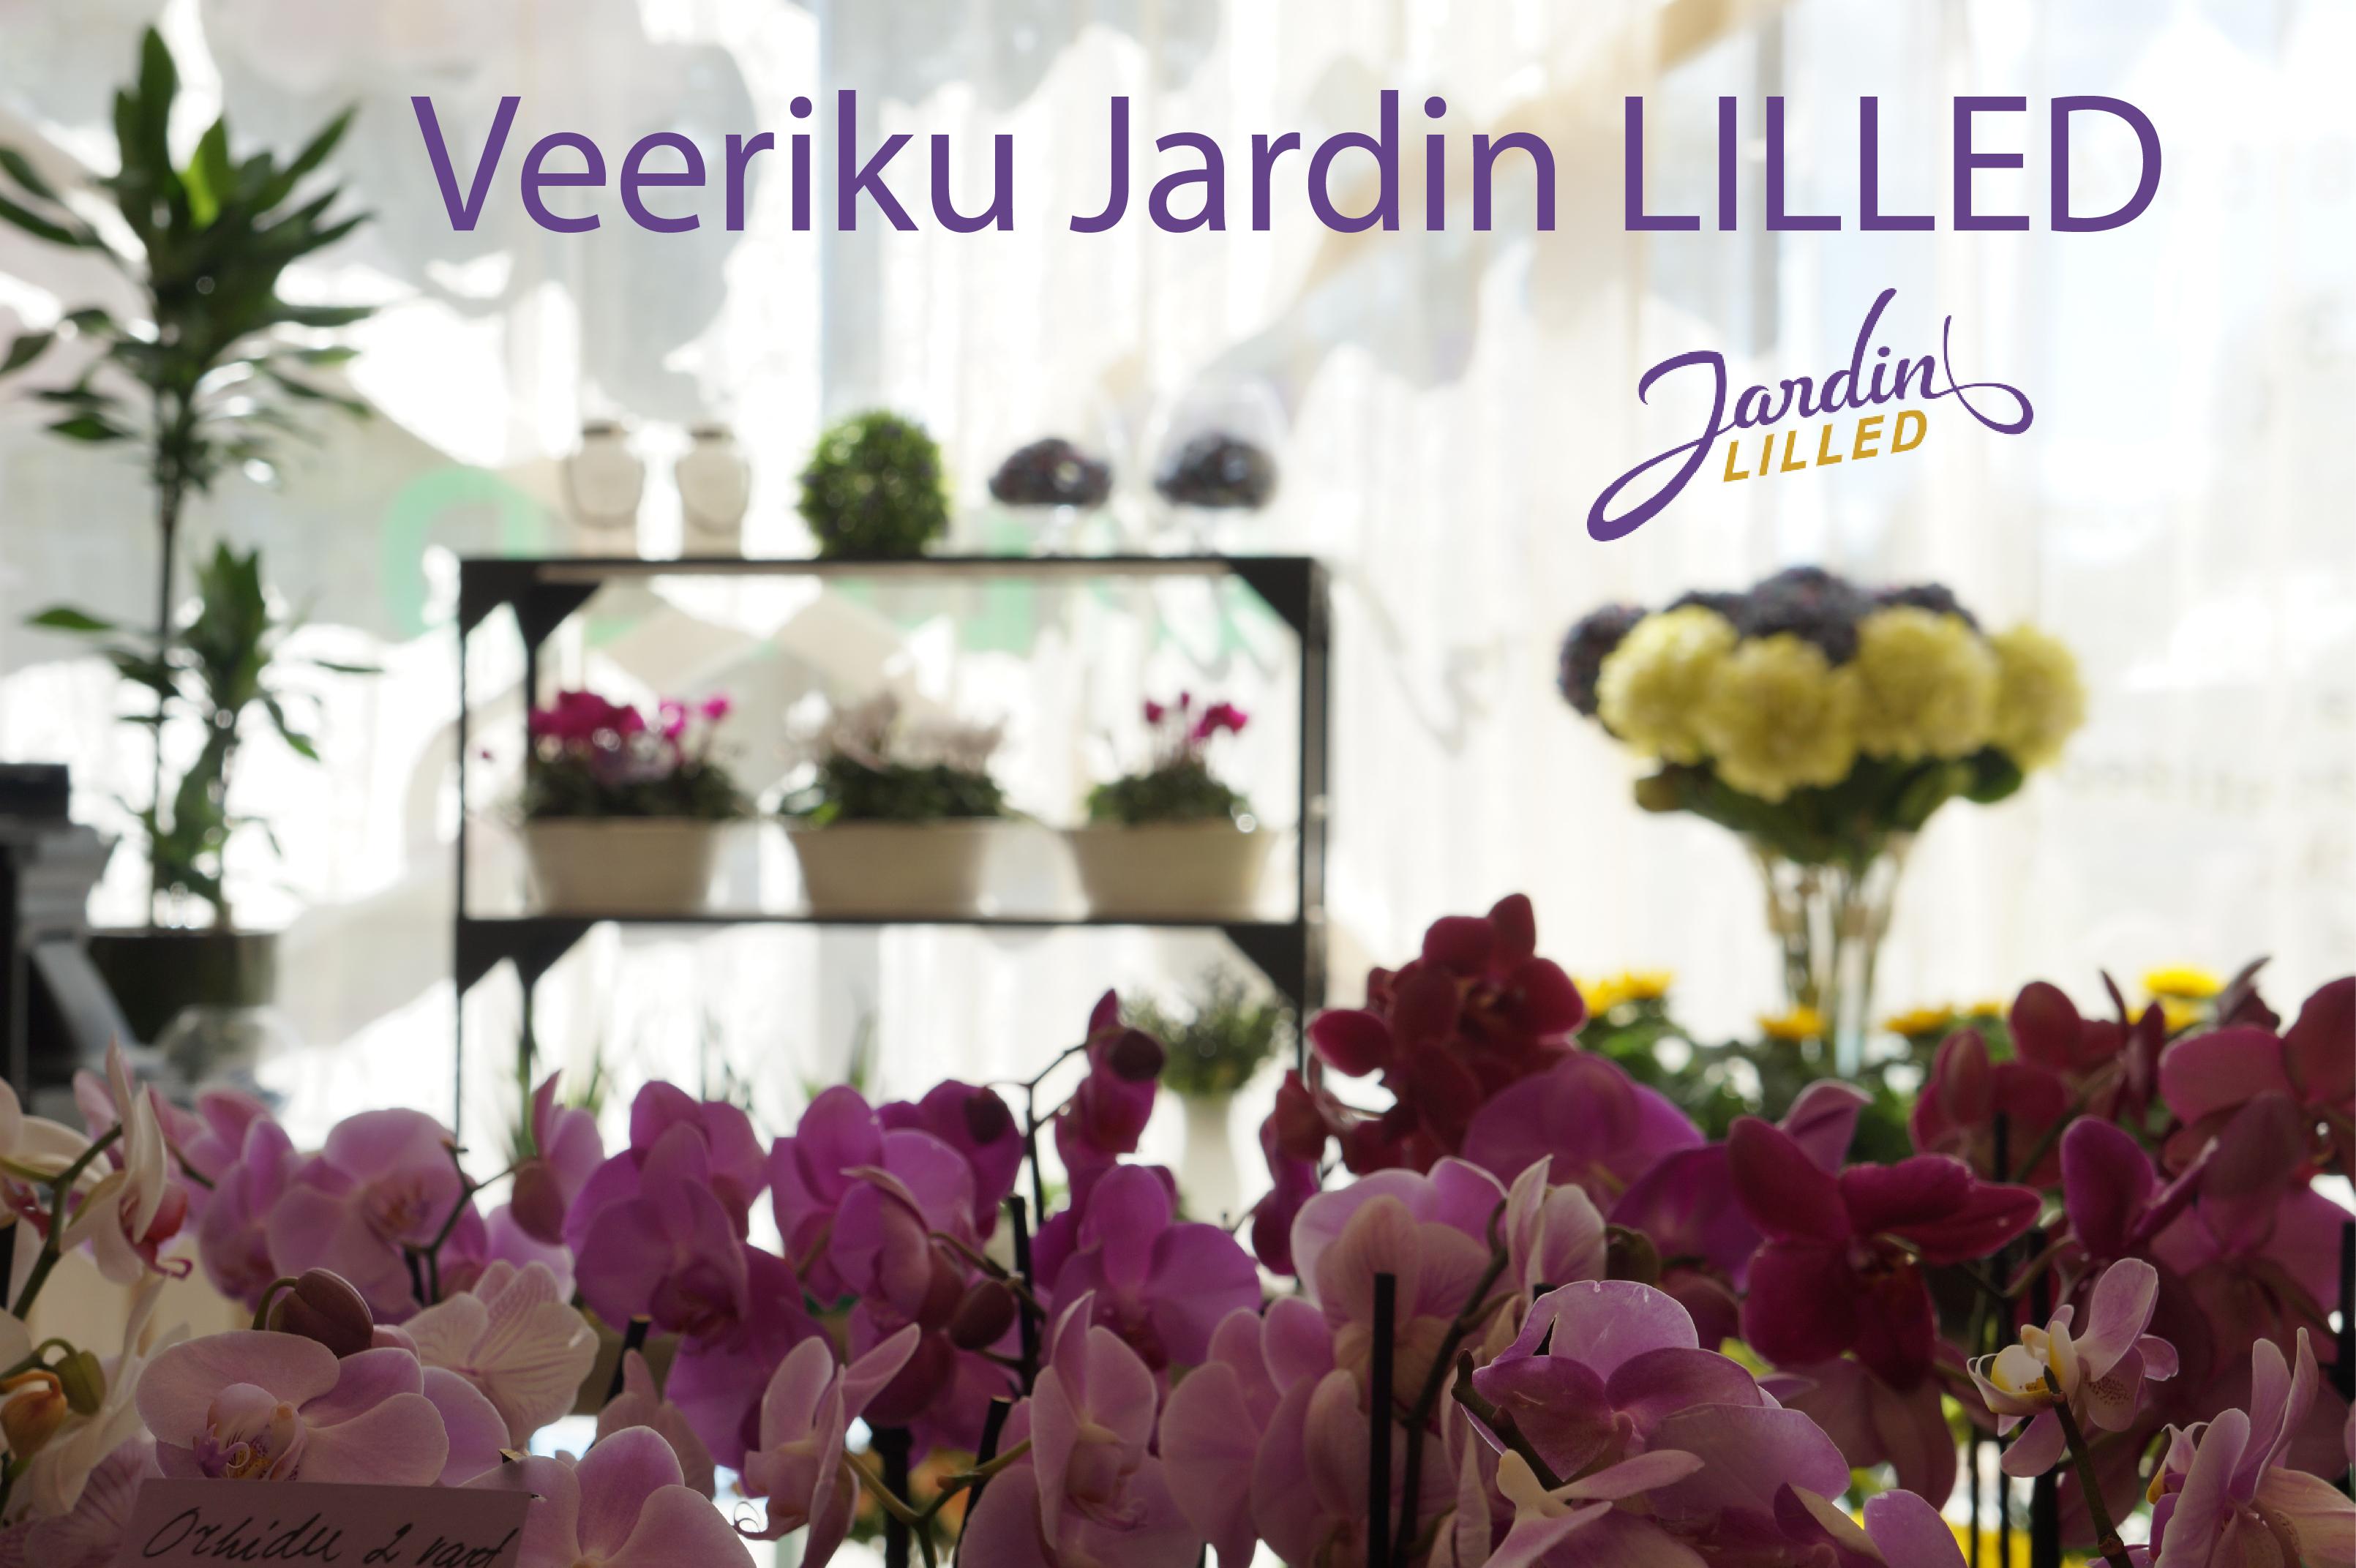 Veeriku jardin lilled for Jardin lilled